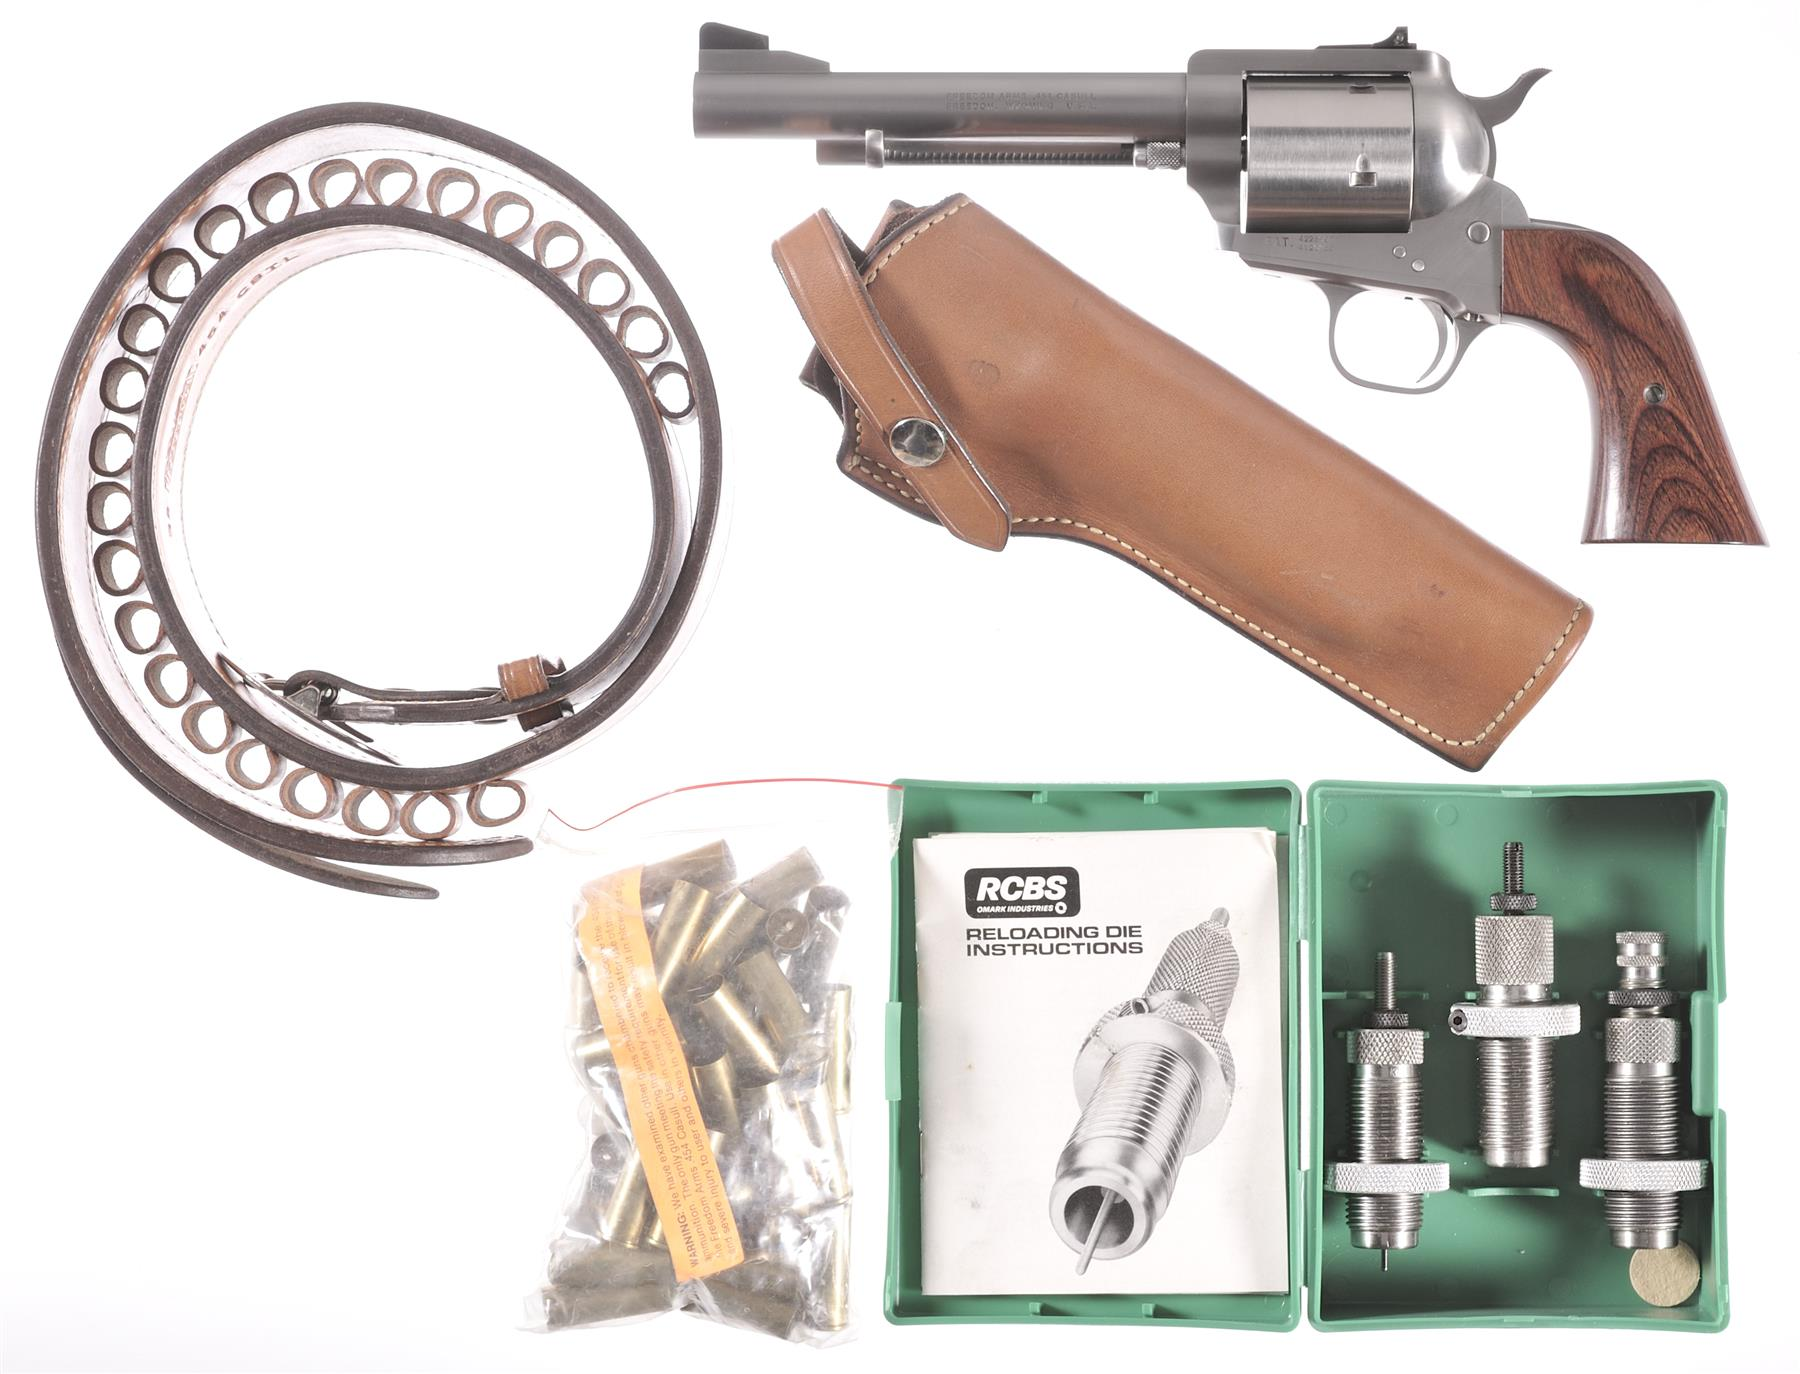 Freedom Arms 83 Revolver in  454 Casull - Revivaler